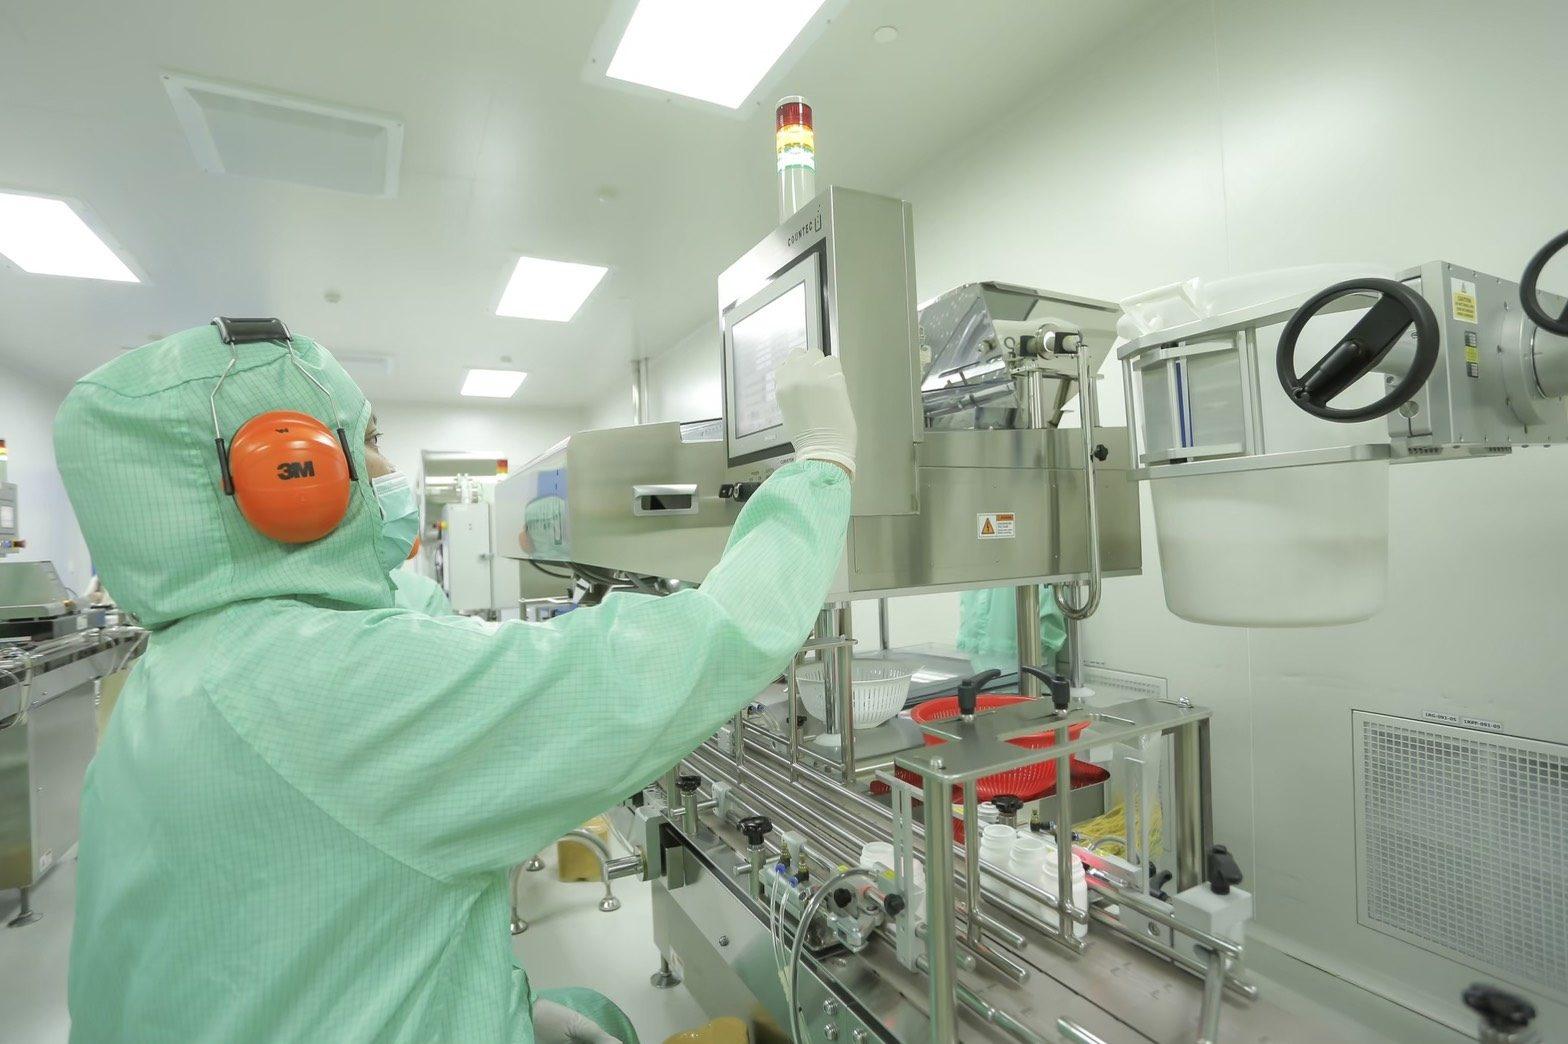 อภ. เพิ่มกำลังการผลิตยา 5 รายการ เพียงพอใช้รักษาโรคโควิด-19